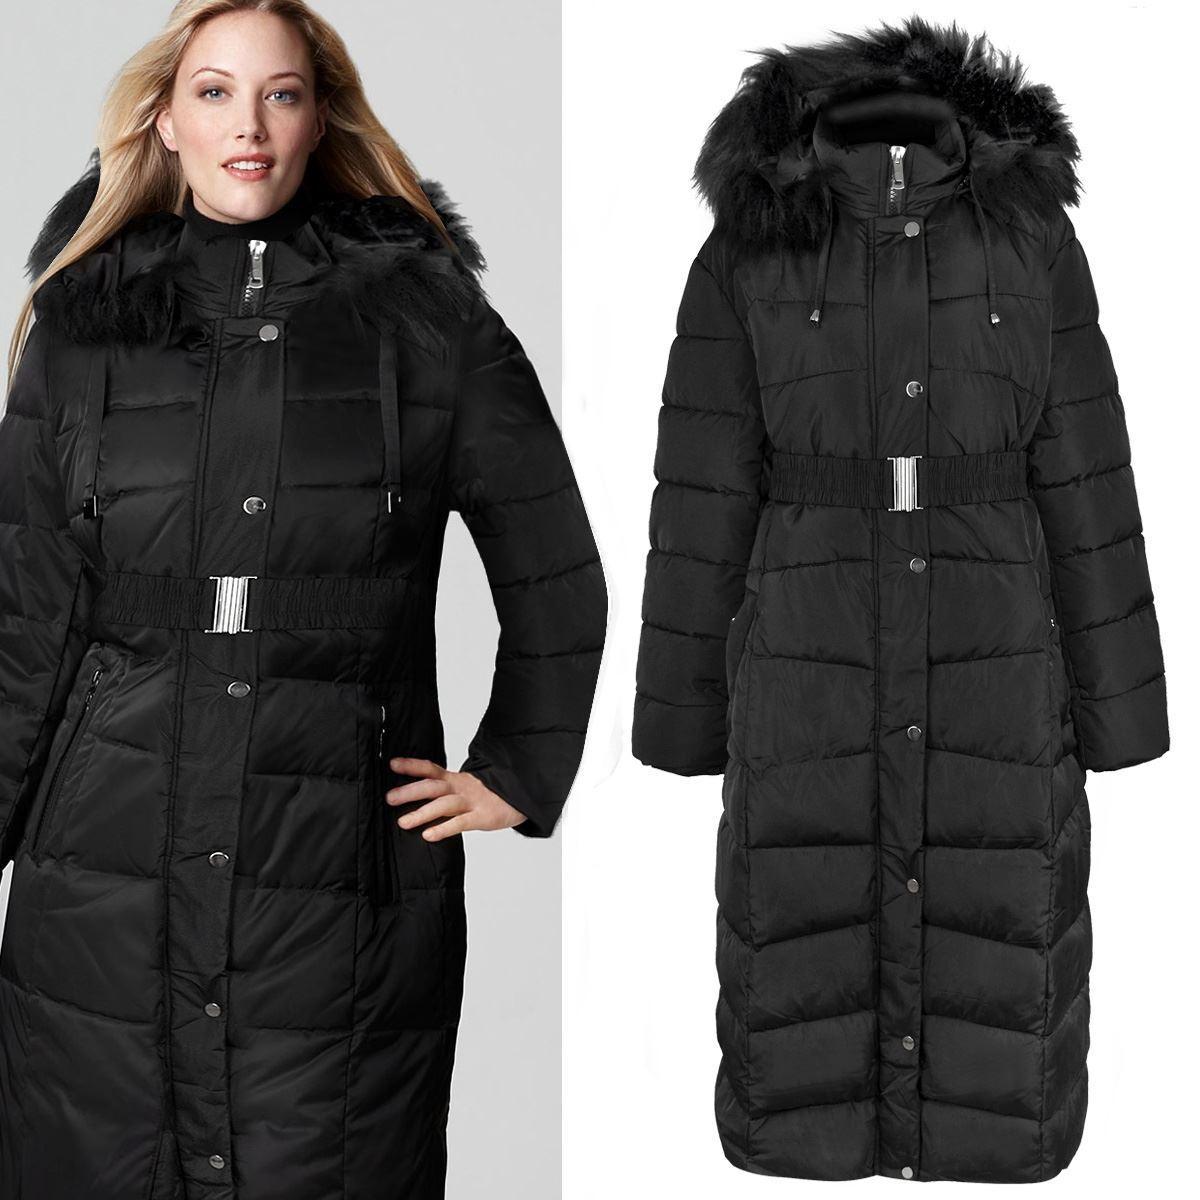 Neue Damen Damen Plus Size Lange gesteppte Winterjacke Mantel Fell Kapuze